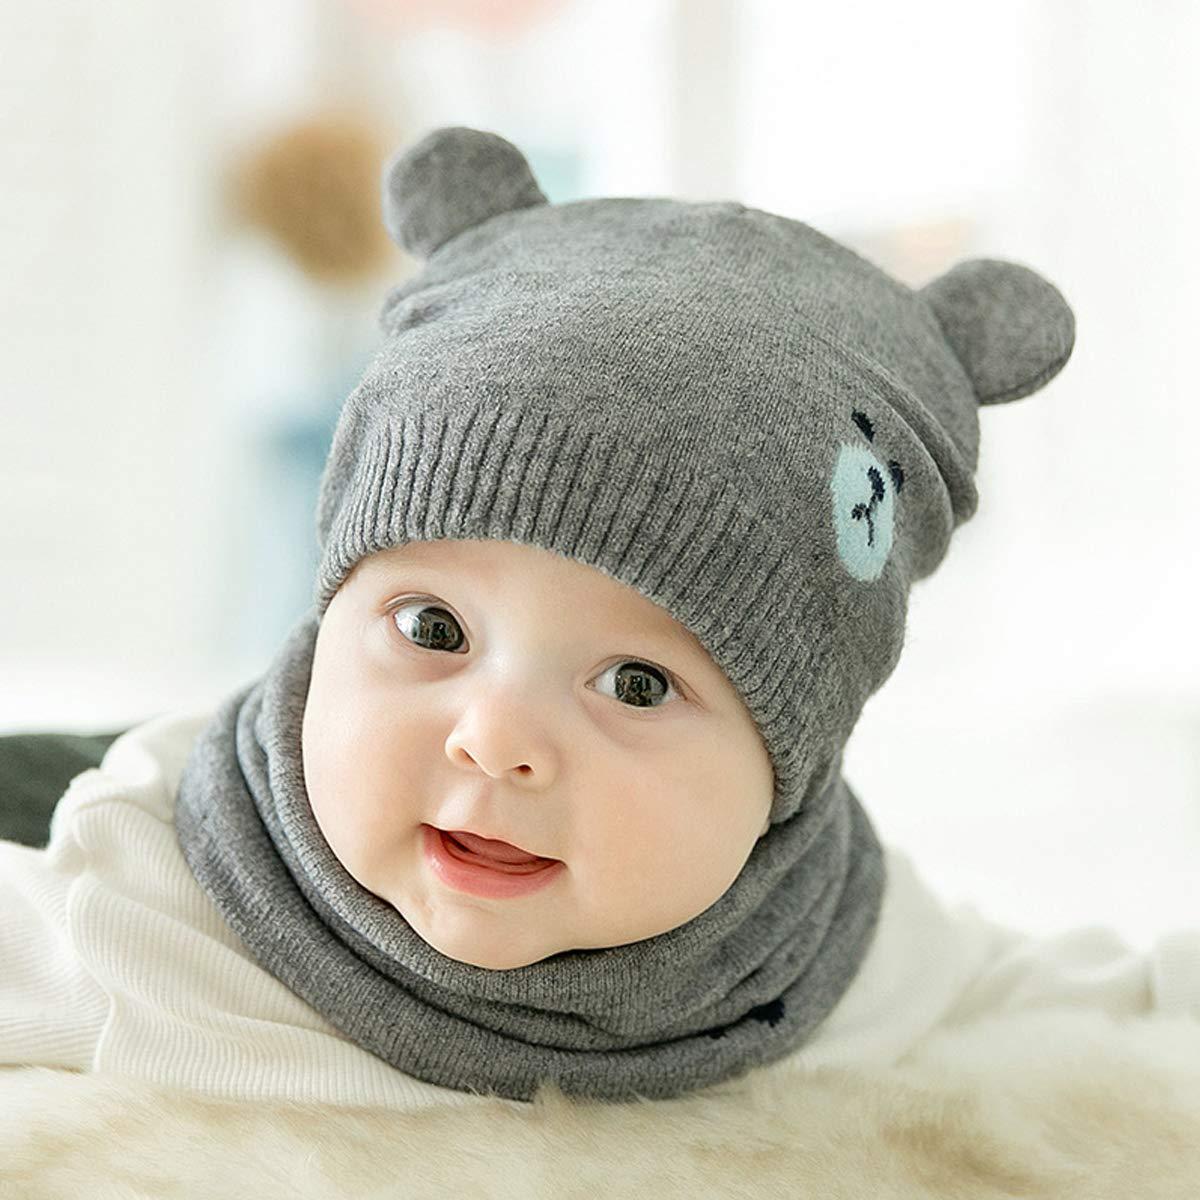 ... Cappello Invernale a Maglia Bambini ingrandisci b6cdafdf736d